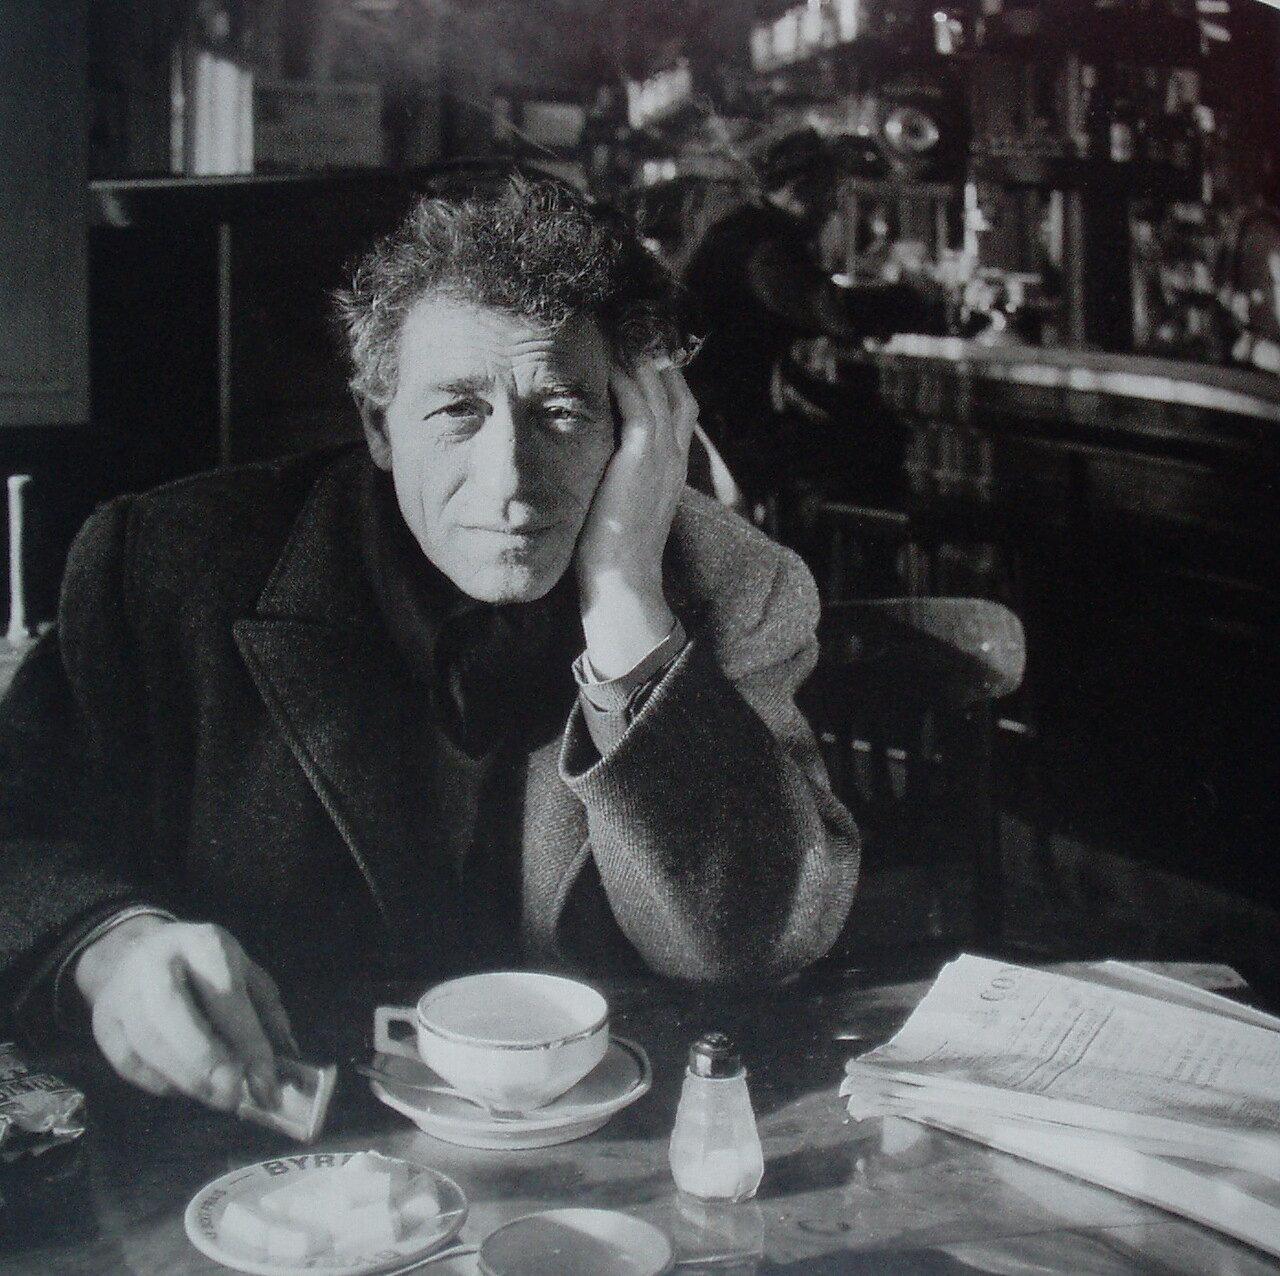 1958. Альберто Джакометти в кафе